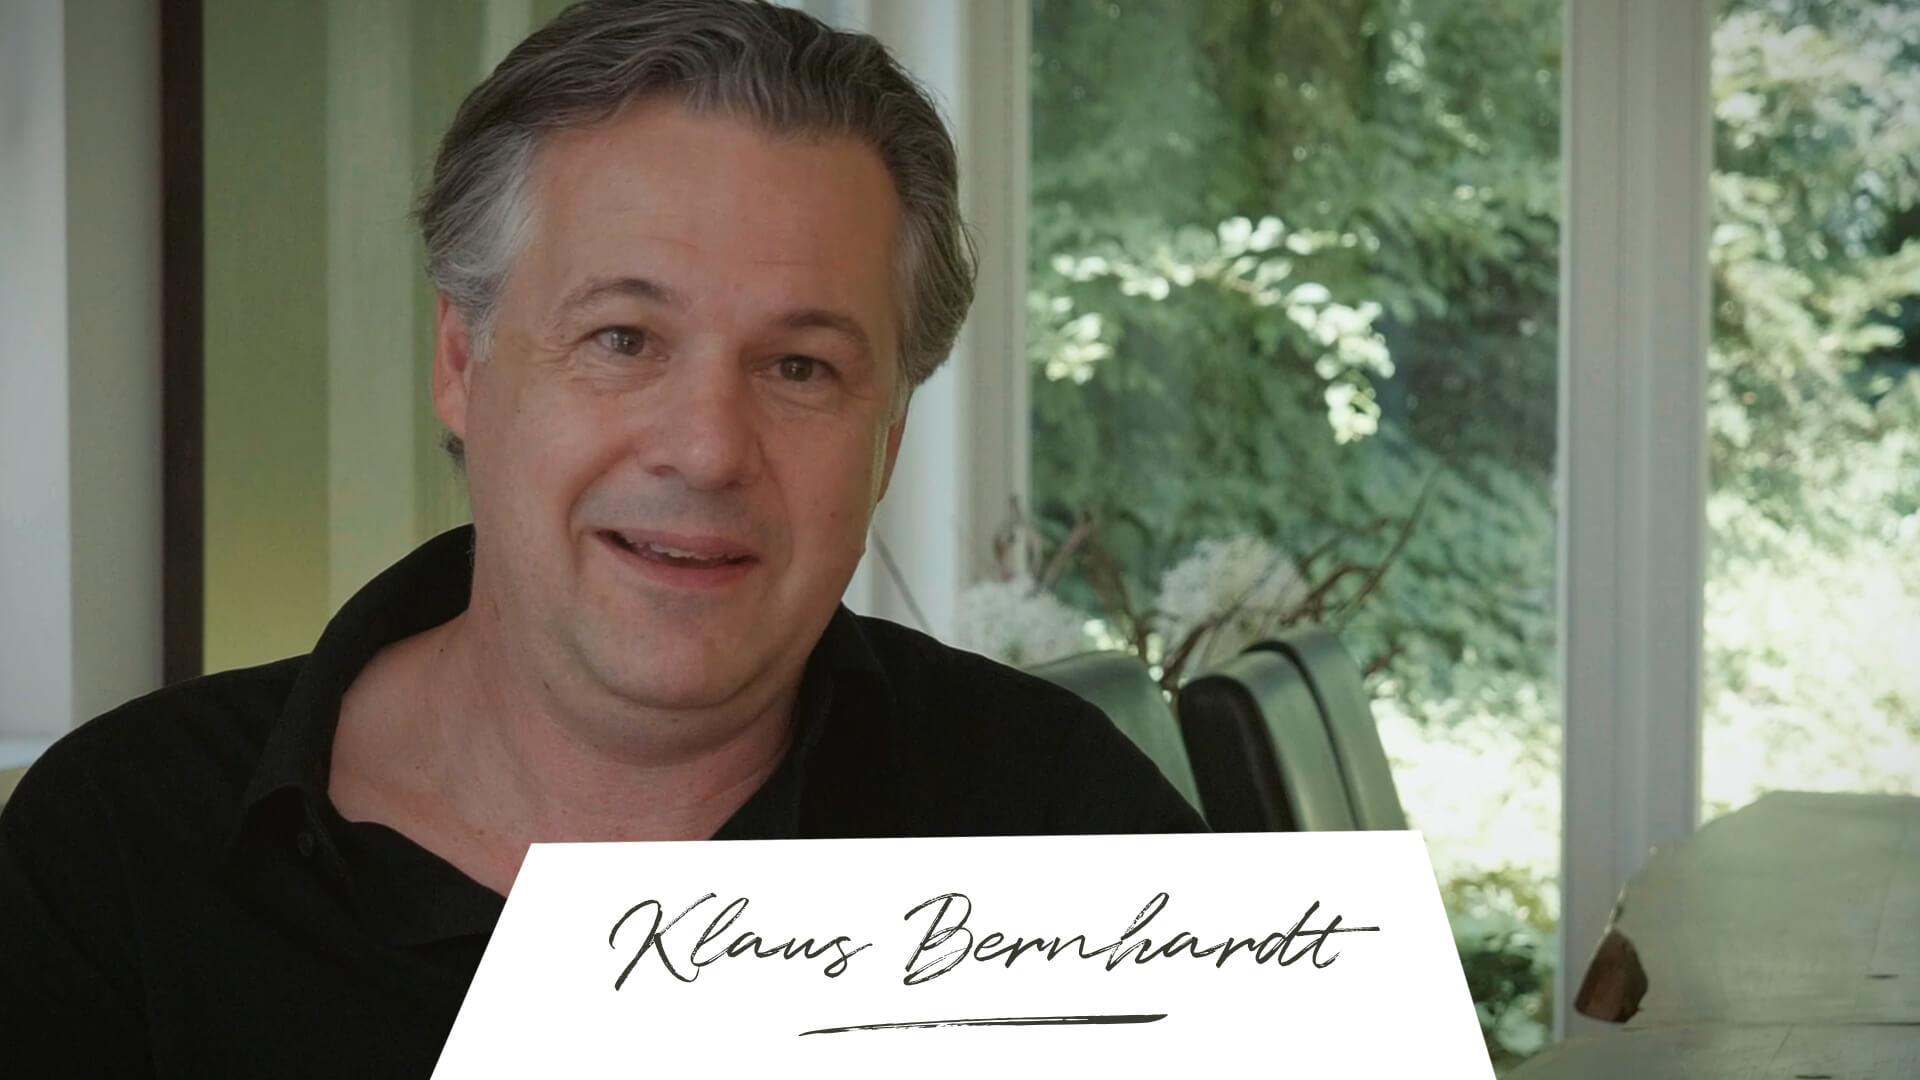 Where is now? Klaus Bernhardt Wegbegleiter